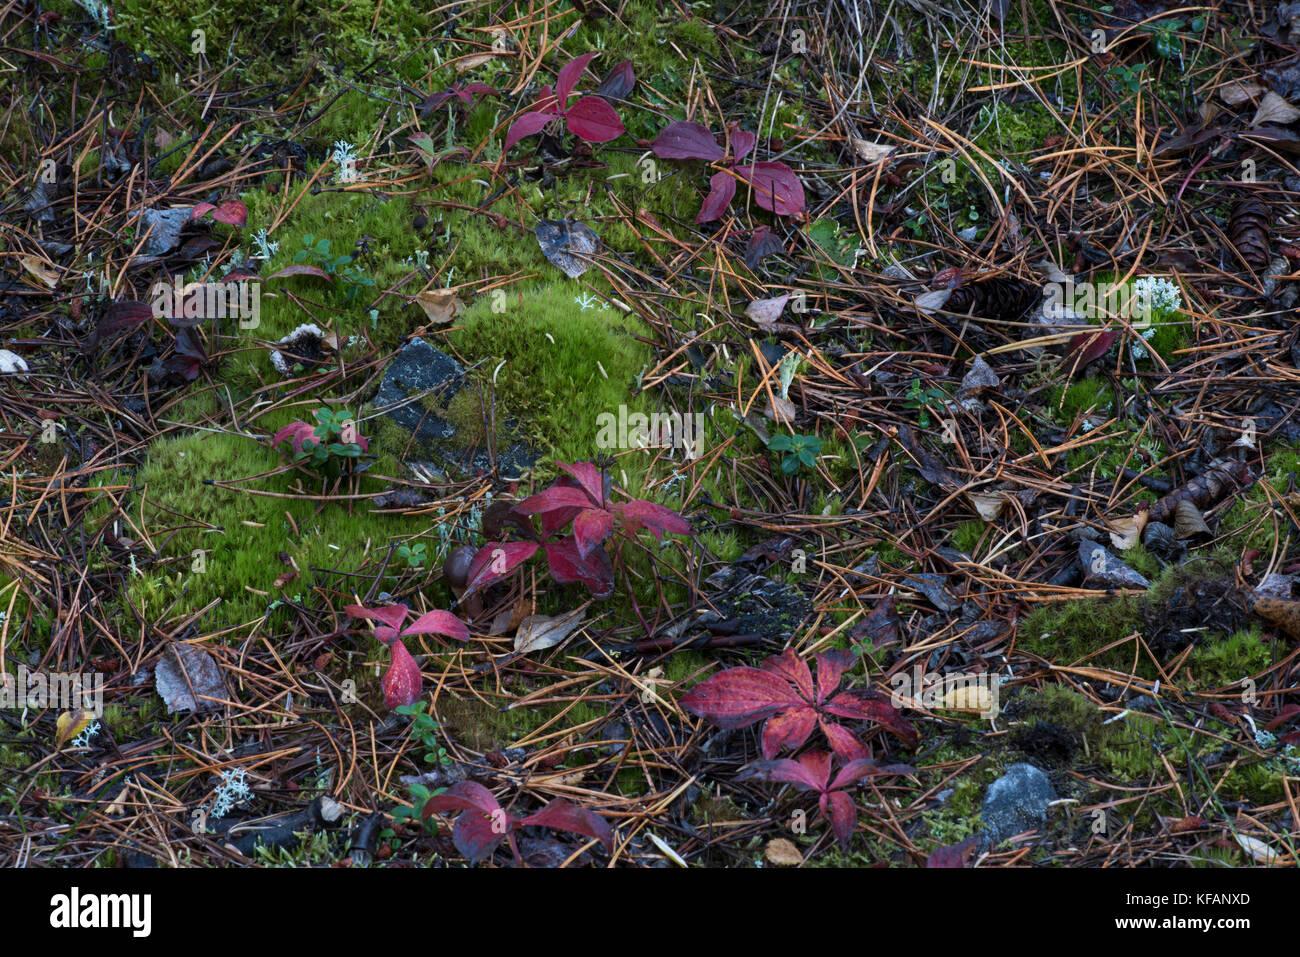 Boreal Tundra Lichen Stock Photos & Boreal Tundra Lichen ...